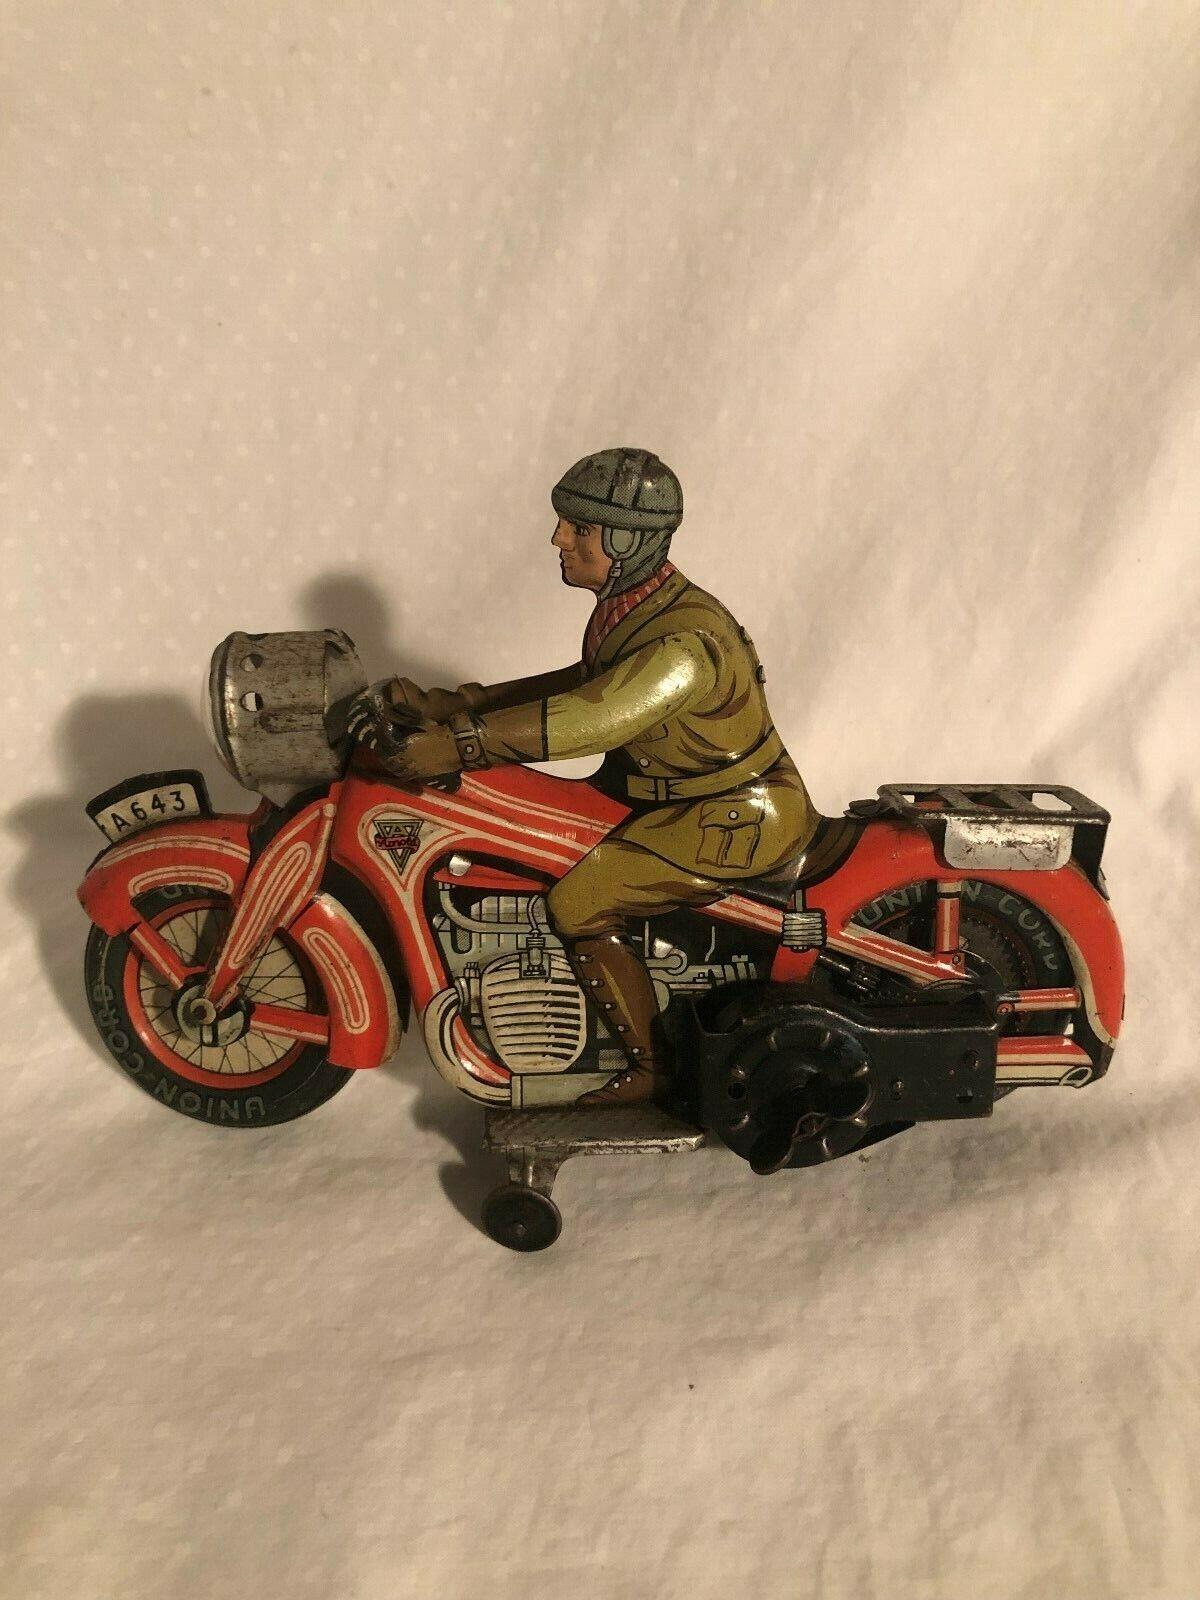 80% di sconto Arnold a 643 Scatola di Latta a autoica Motocicletta Motocicletta Motocicletta Civile Rider Geruomoia 1940s  garanzia di credito